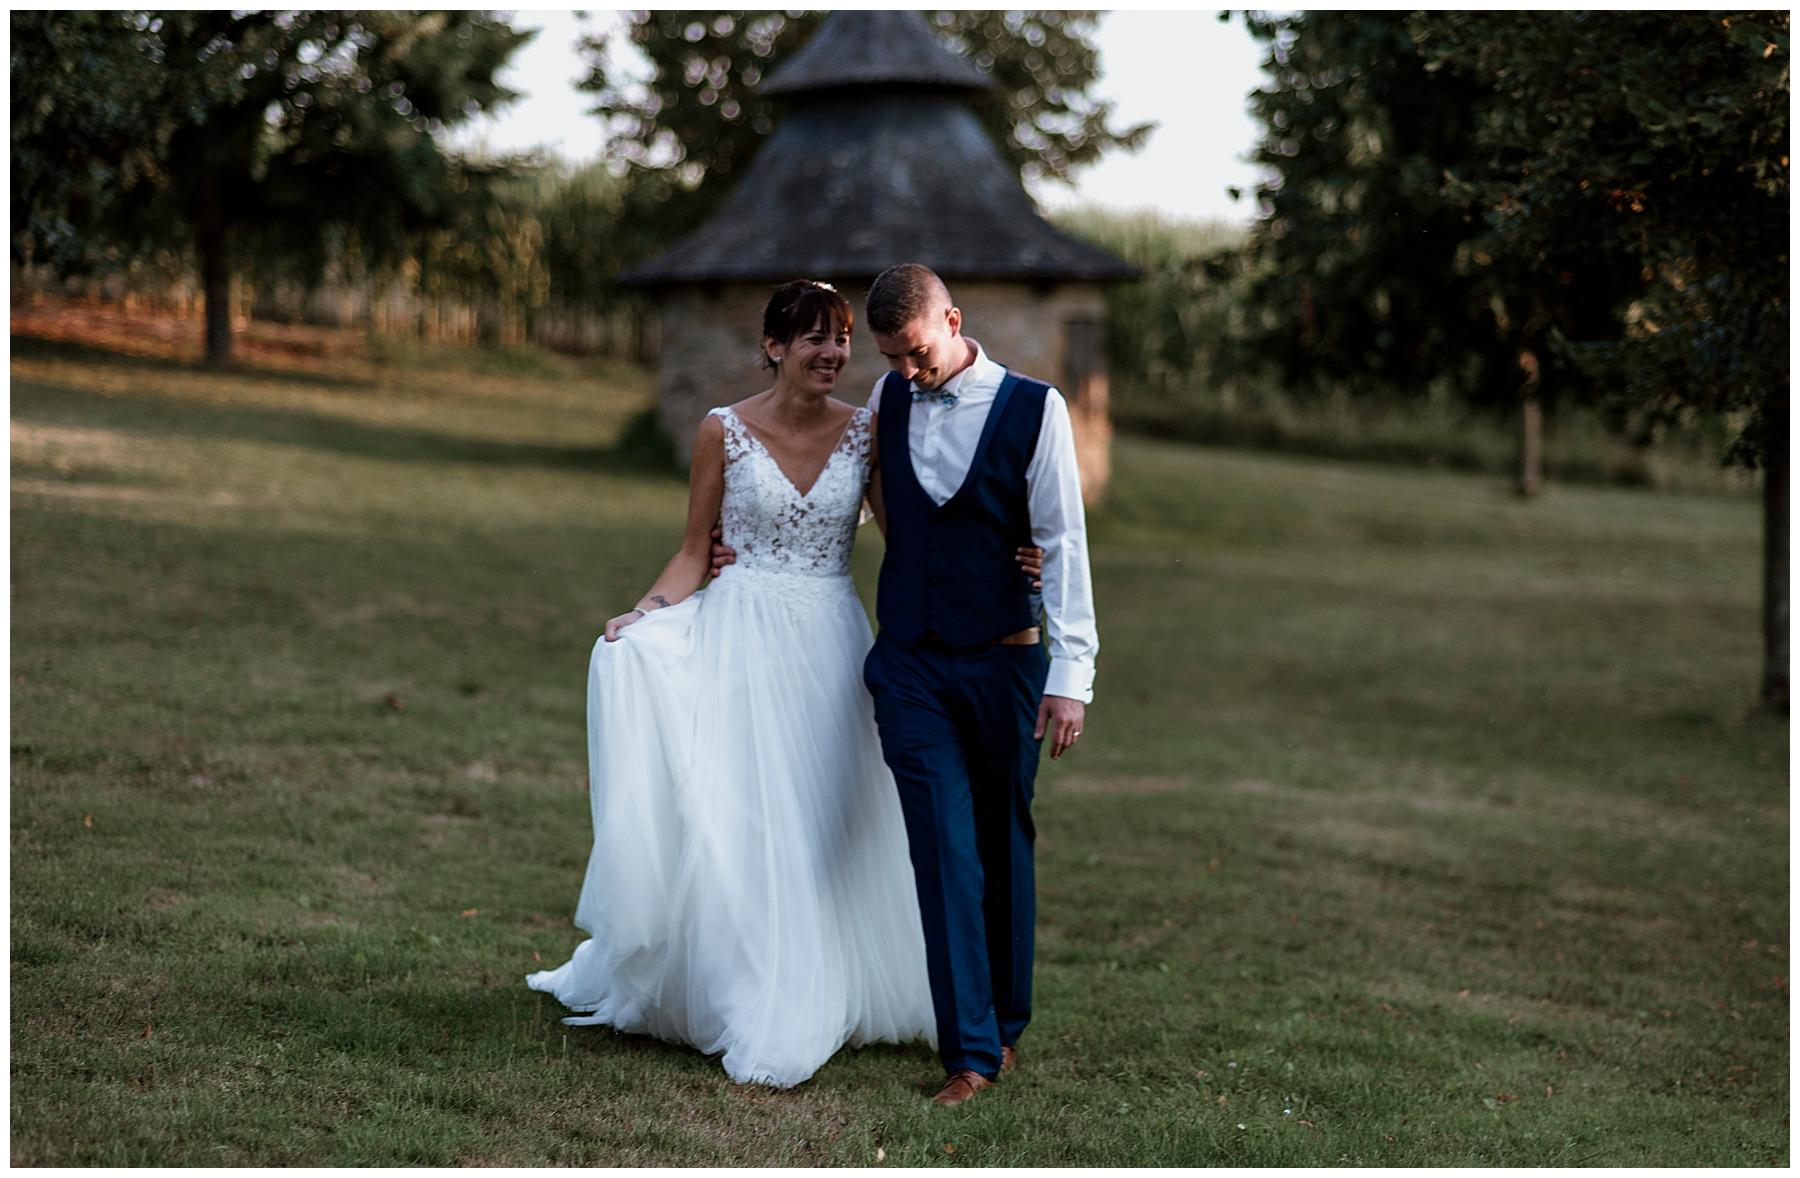 Couple de marié en dordogne, mariage dordogne, photographe mariage dordogne